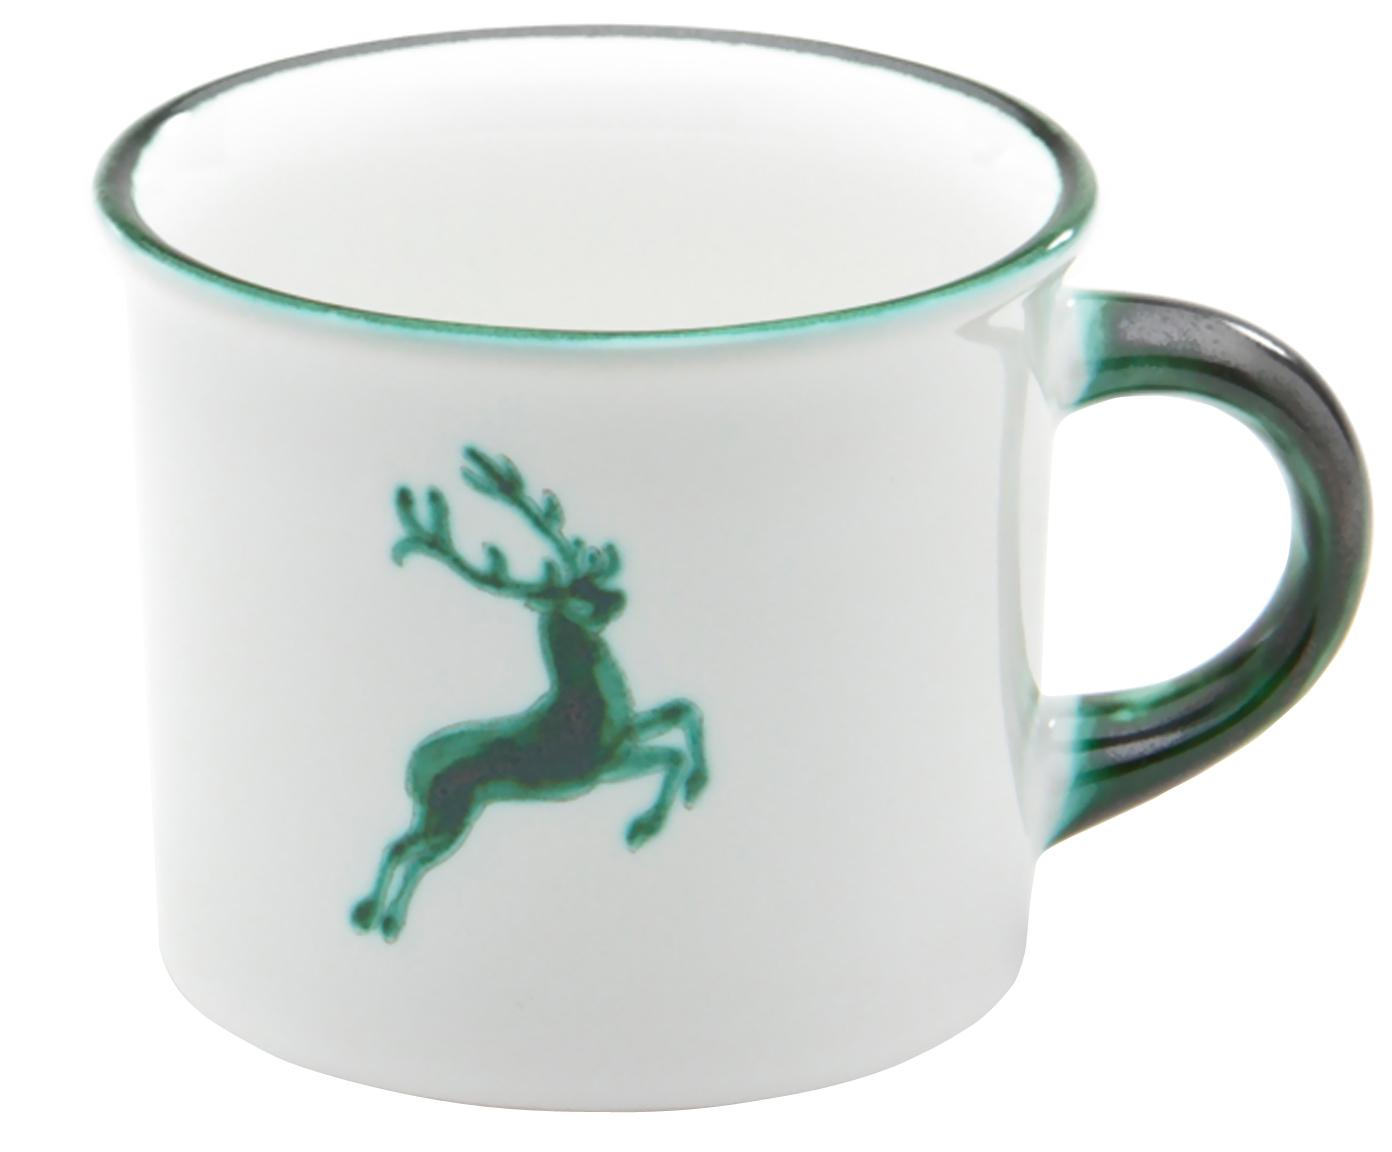 Tazza da te dipinta a mano Grüner Hirsch, Ceramica, Verde, bianco, 240 ml